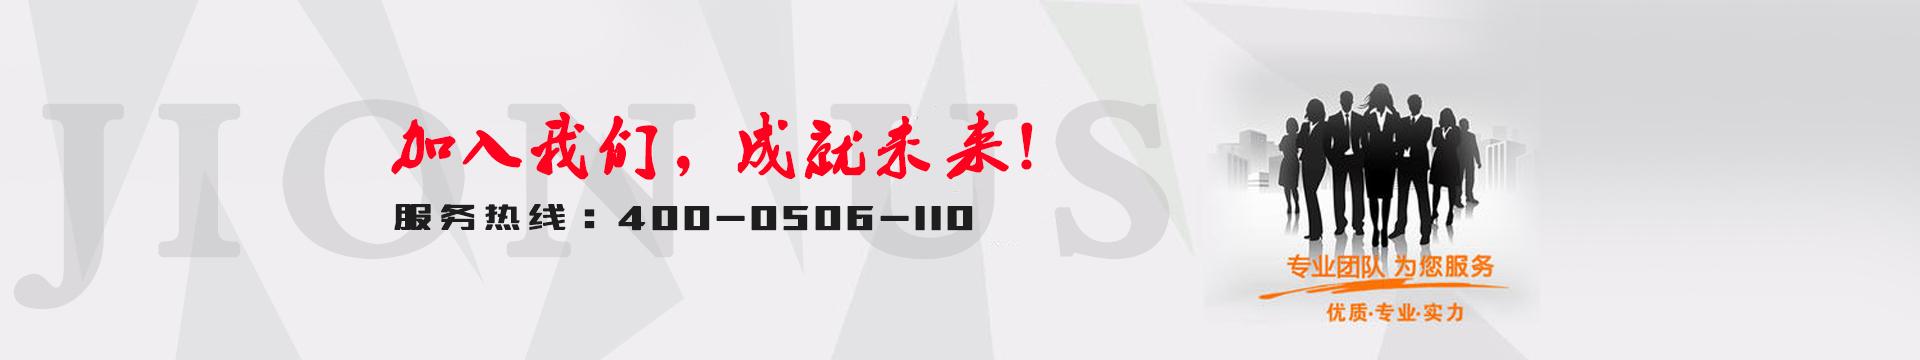 狮子王联网报警诚邀加盟商